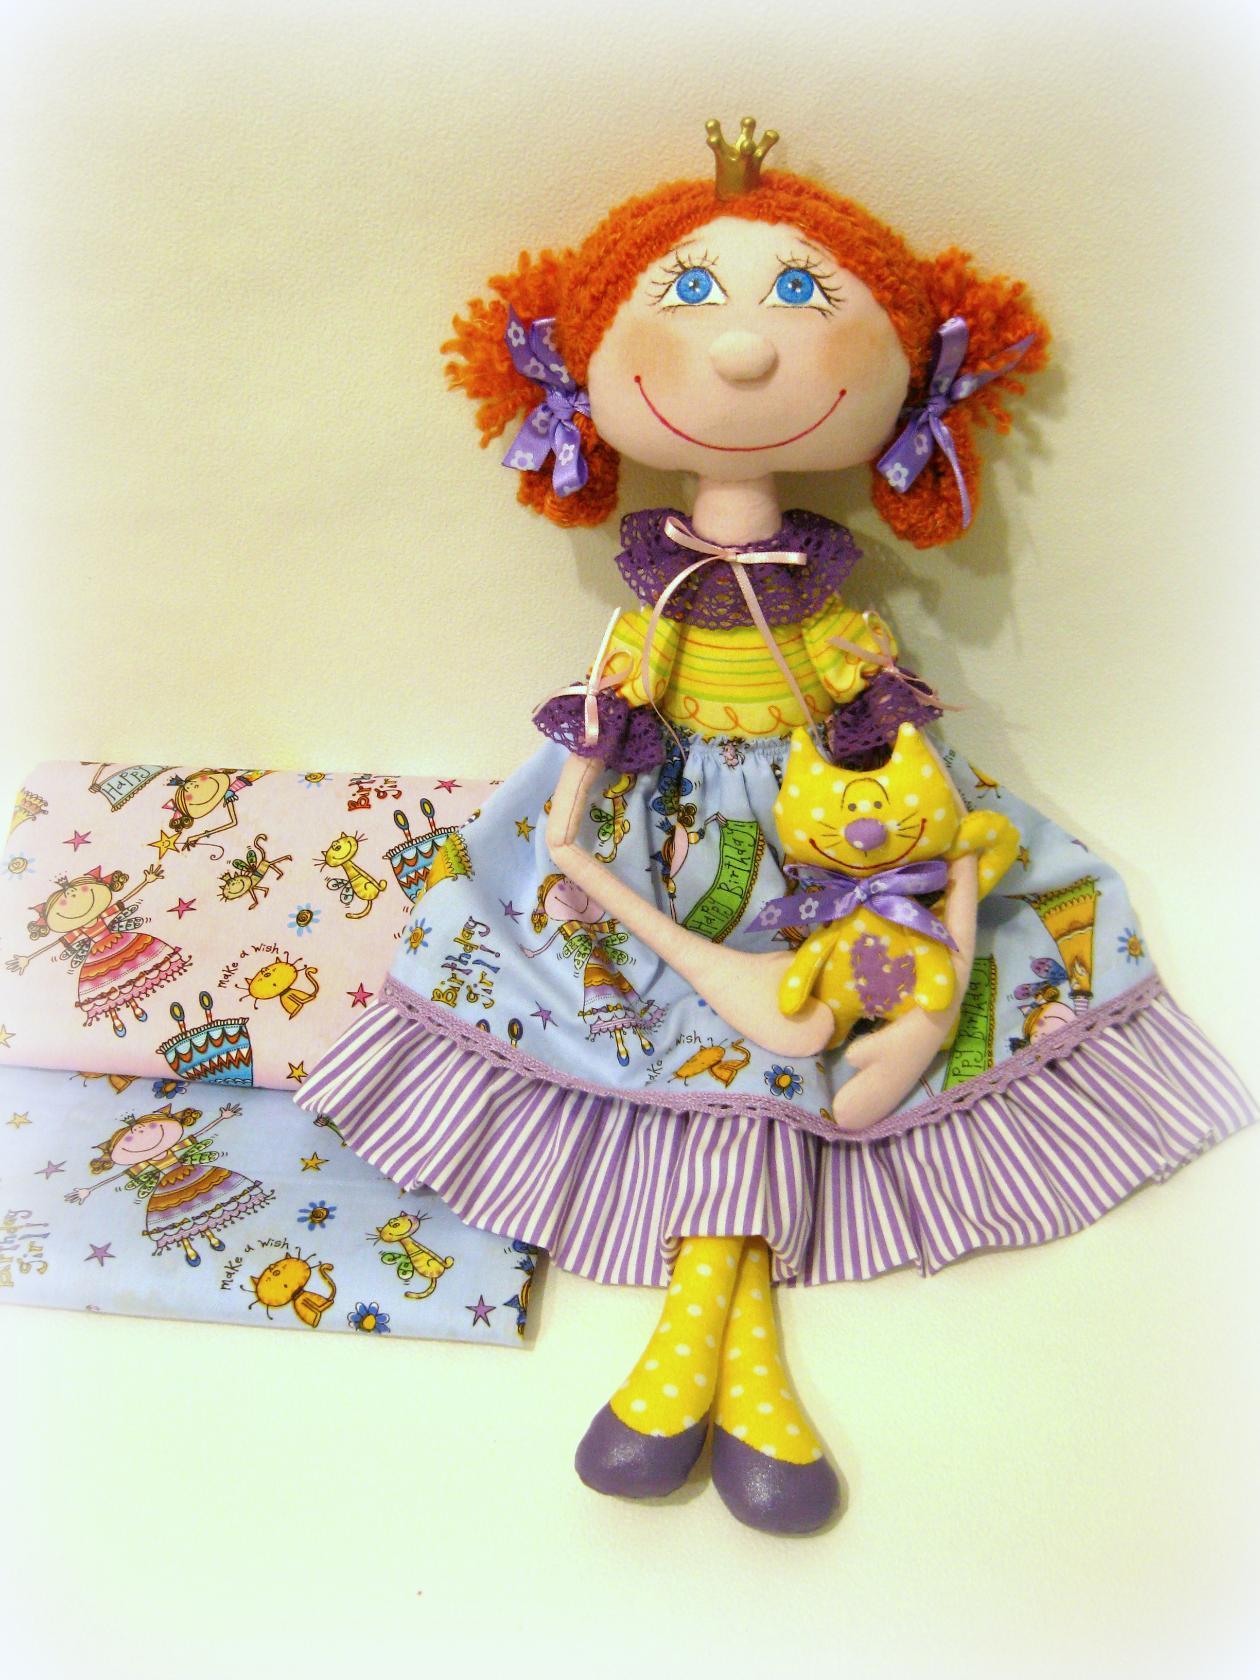 Тильда и её друзья — Куклы ПРИНЦЕССЫ и ФЕИ | OK.RU